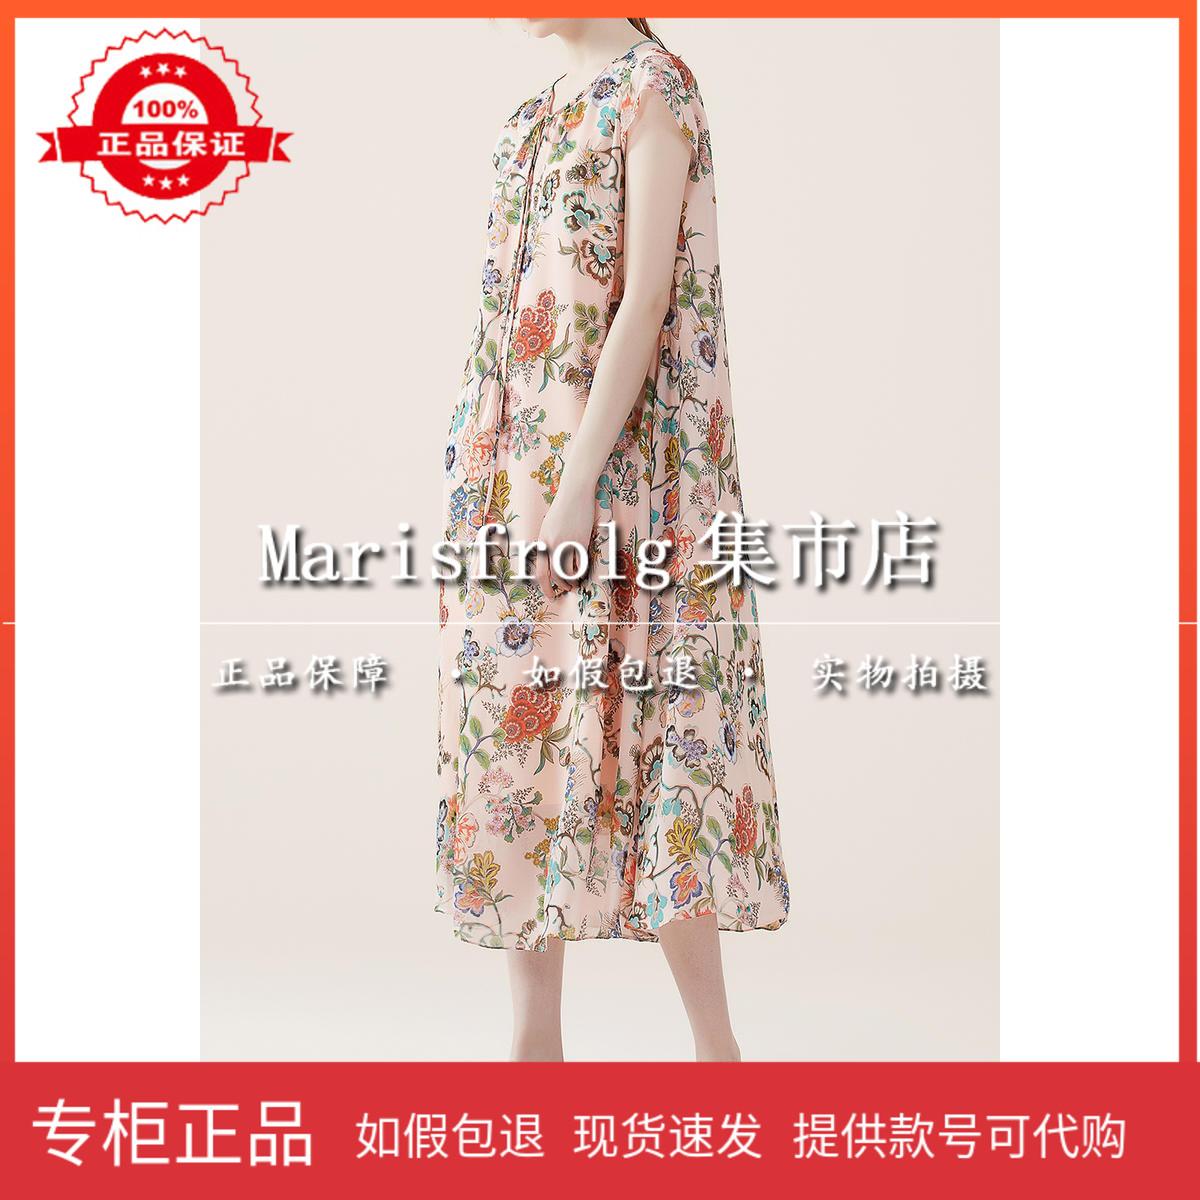 玛丝菲尔代购 国内代购 玛丝菲尔2020夏季新款专柜正品连衣裙女A1JS27906原4680_推荐淘宝好看的玛丝菲尔代购